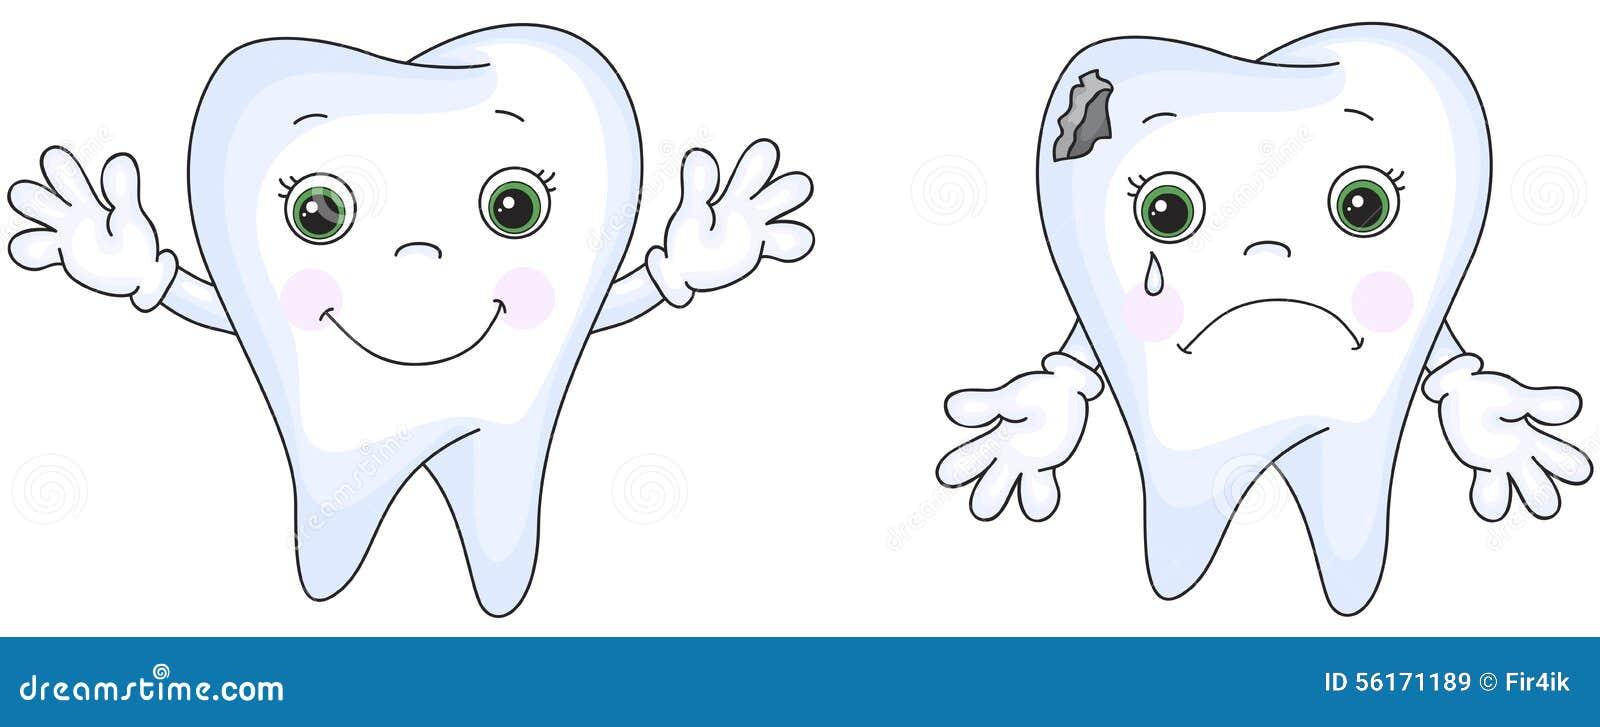 Днем перемоги, картинка для детей грустного и веселого зуба